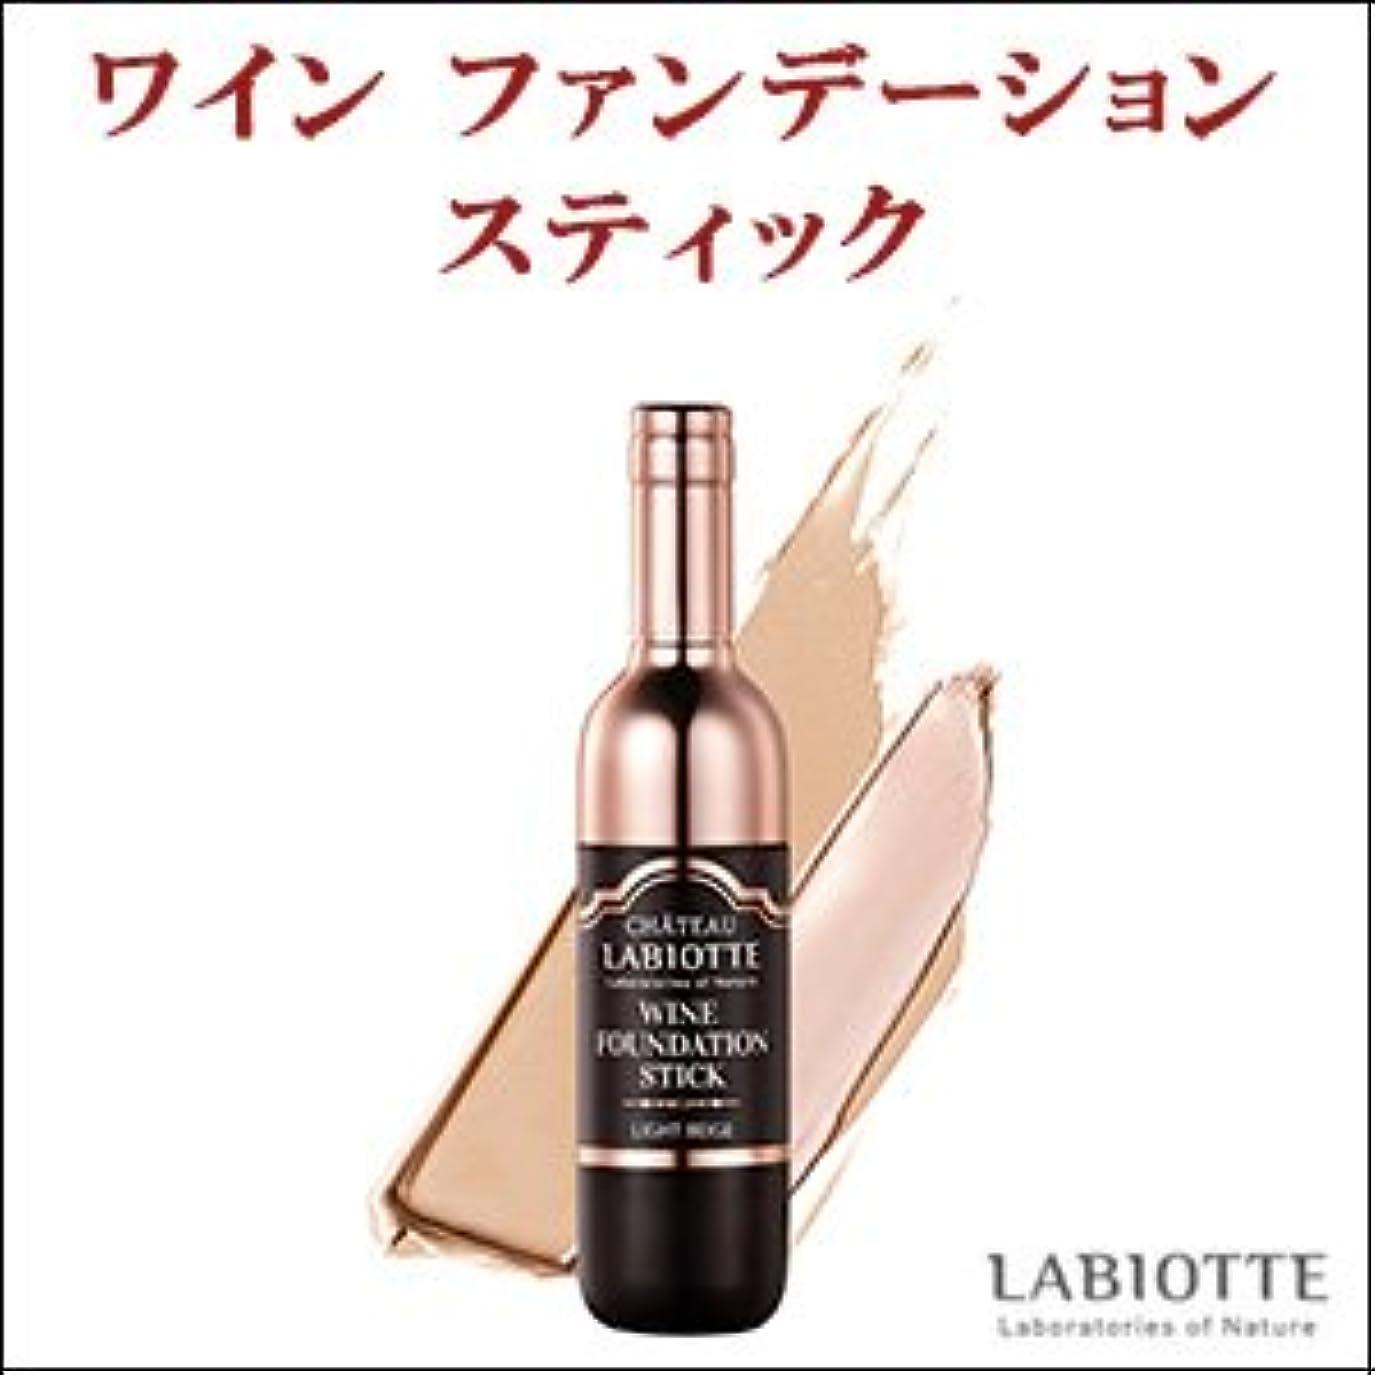 腕適切な制限するLABIOTTE シャトー ラビオッテ ワイン ファンデーション スティック カラー:P21 ピンクベージュ